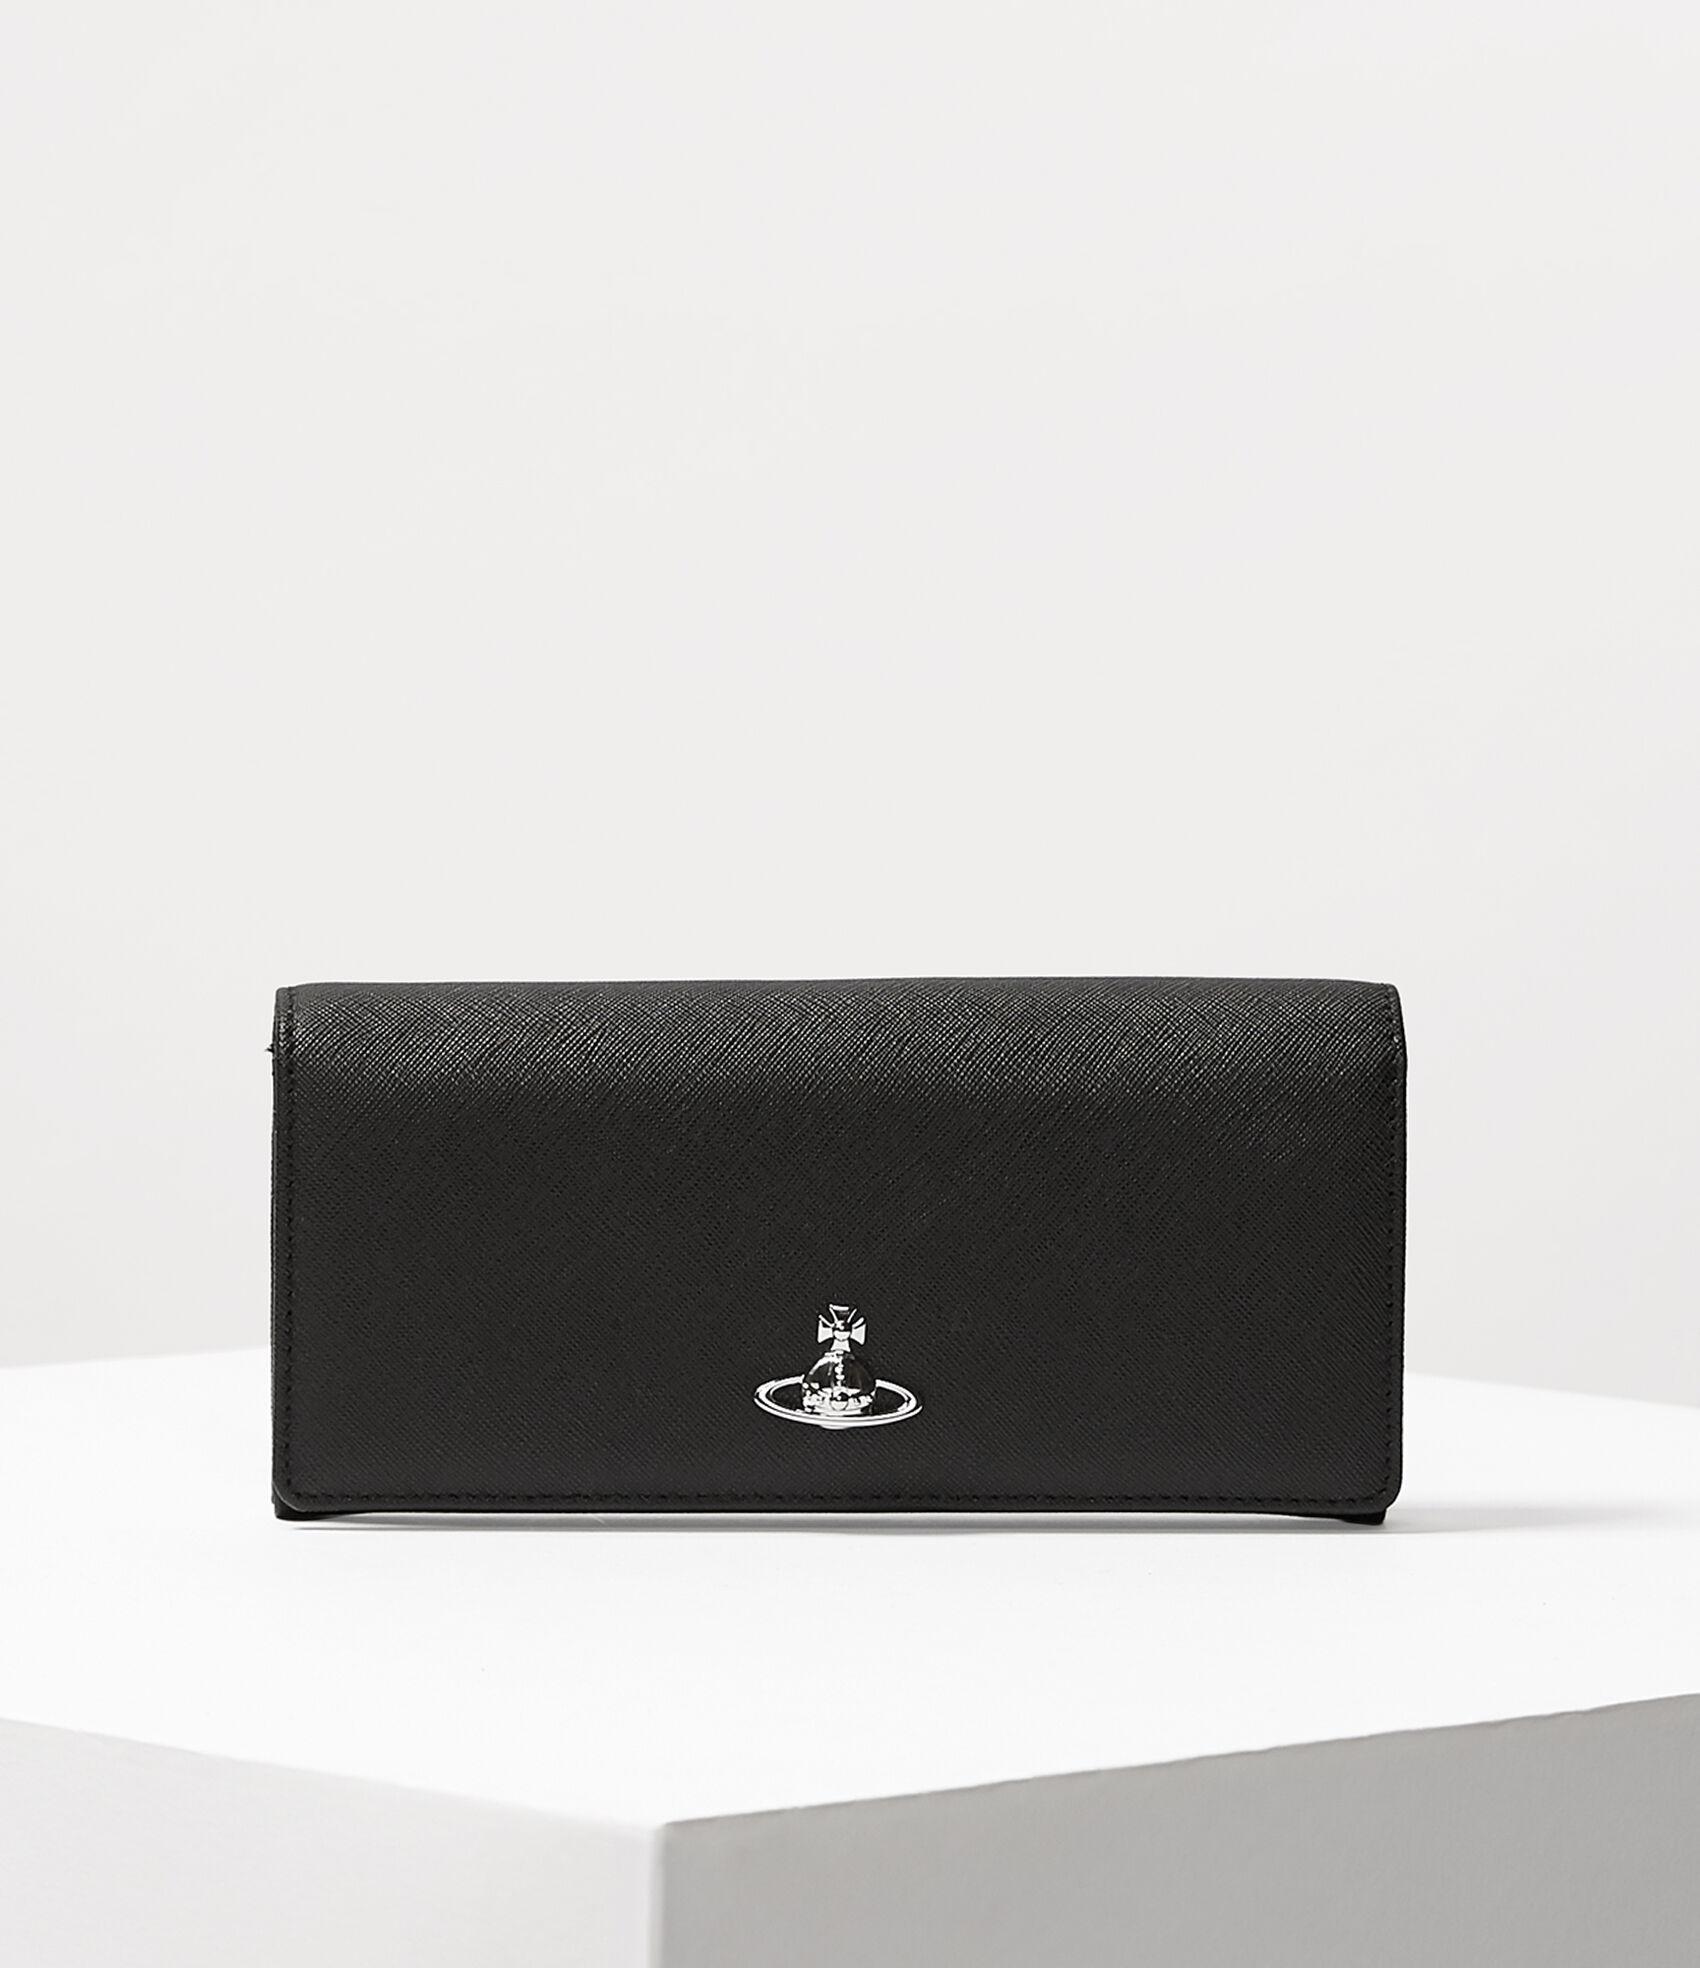 c29fb5c70c60 Vivienne Westwood Women's Designer Wallets and Purses | Vivienne ...